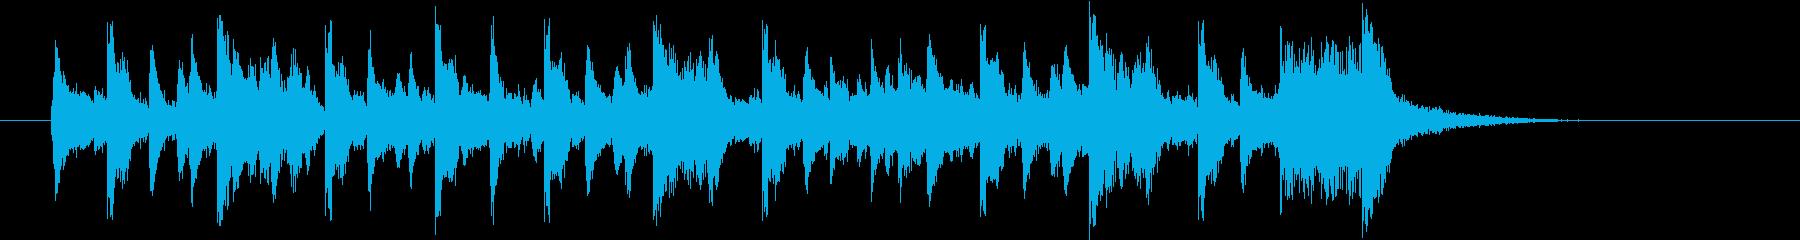 80年代フュージョン的な17秒ジングルの再生済みの波形